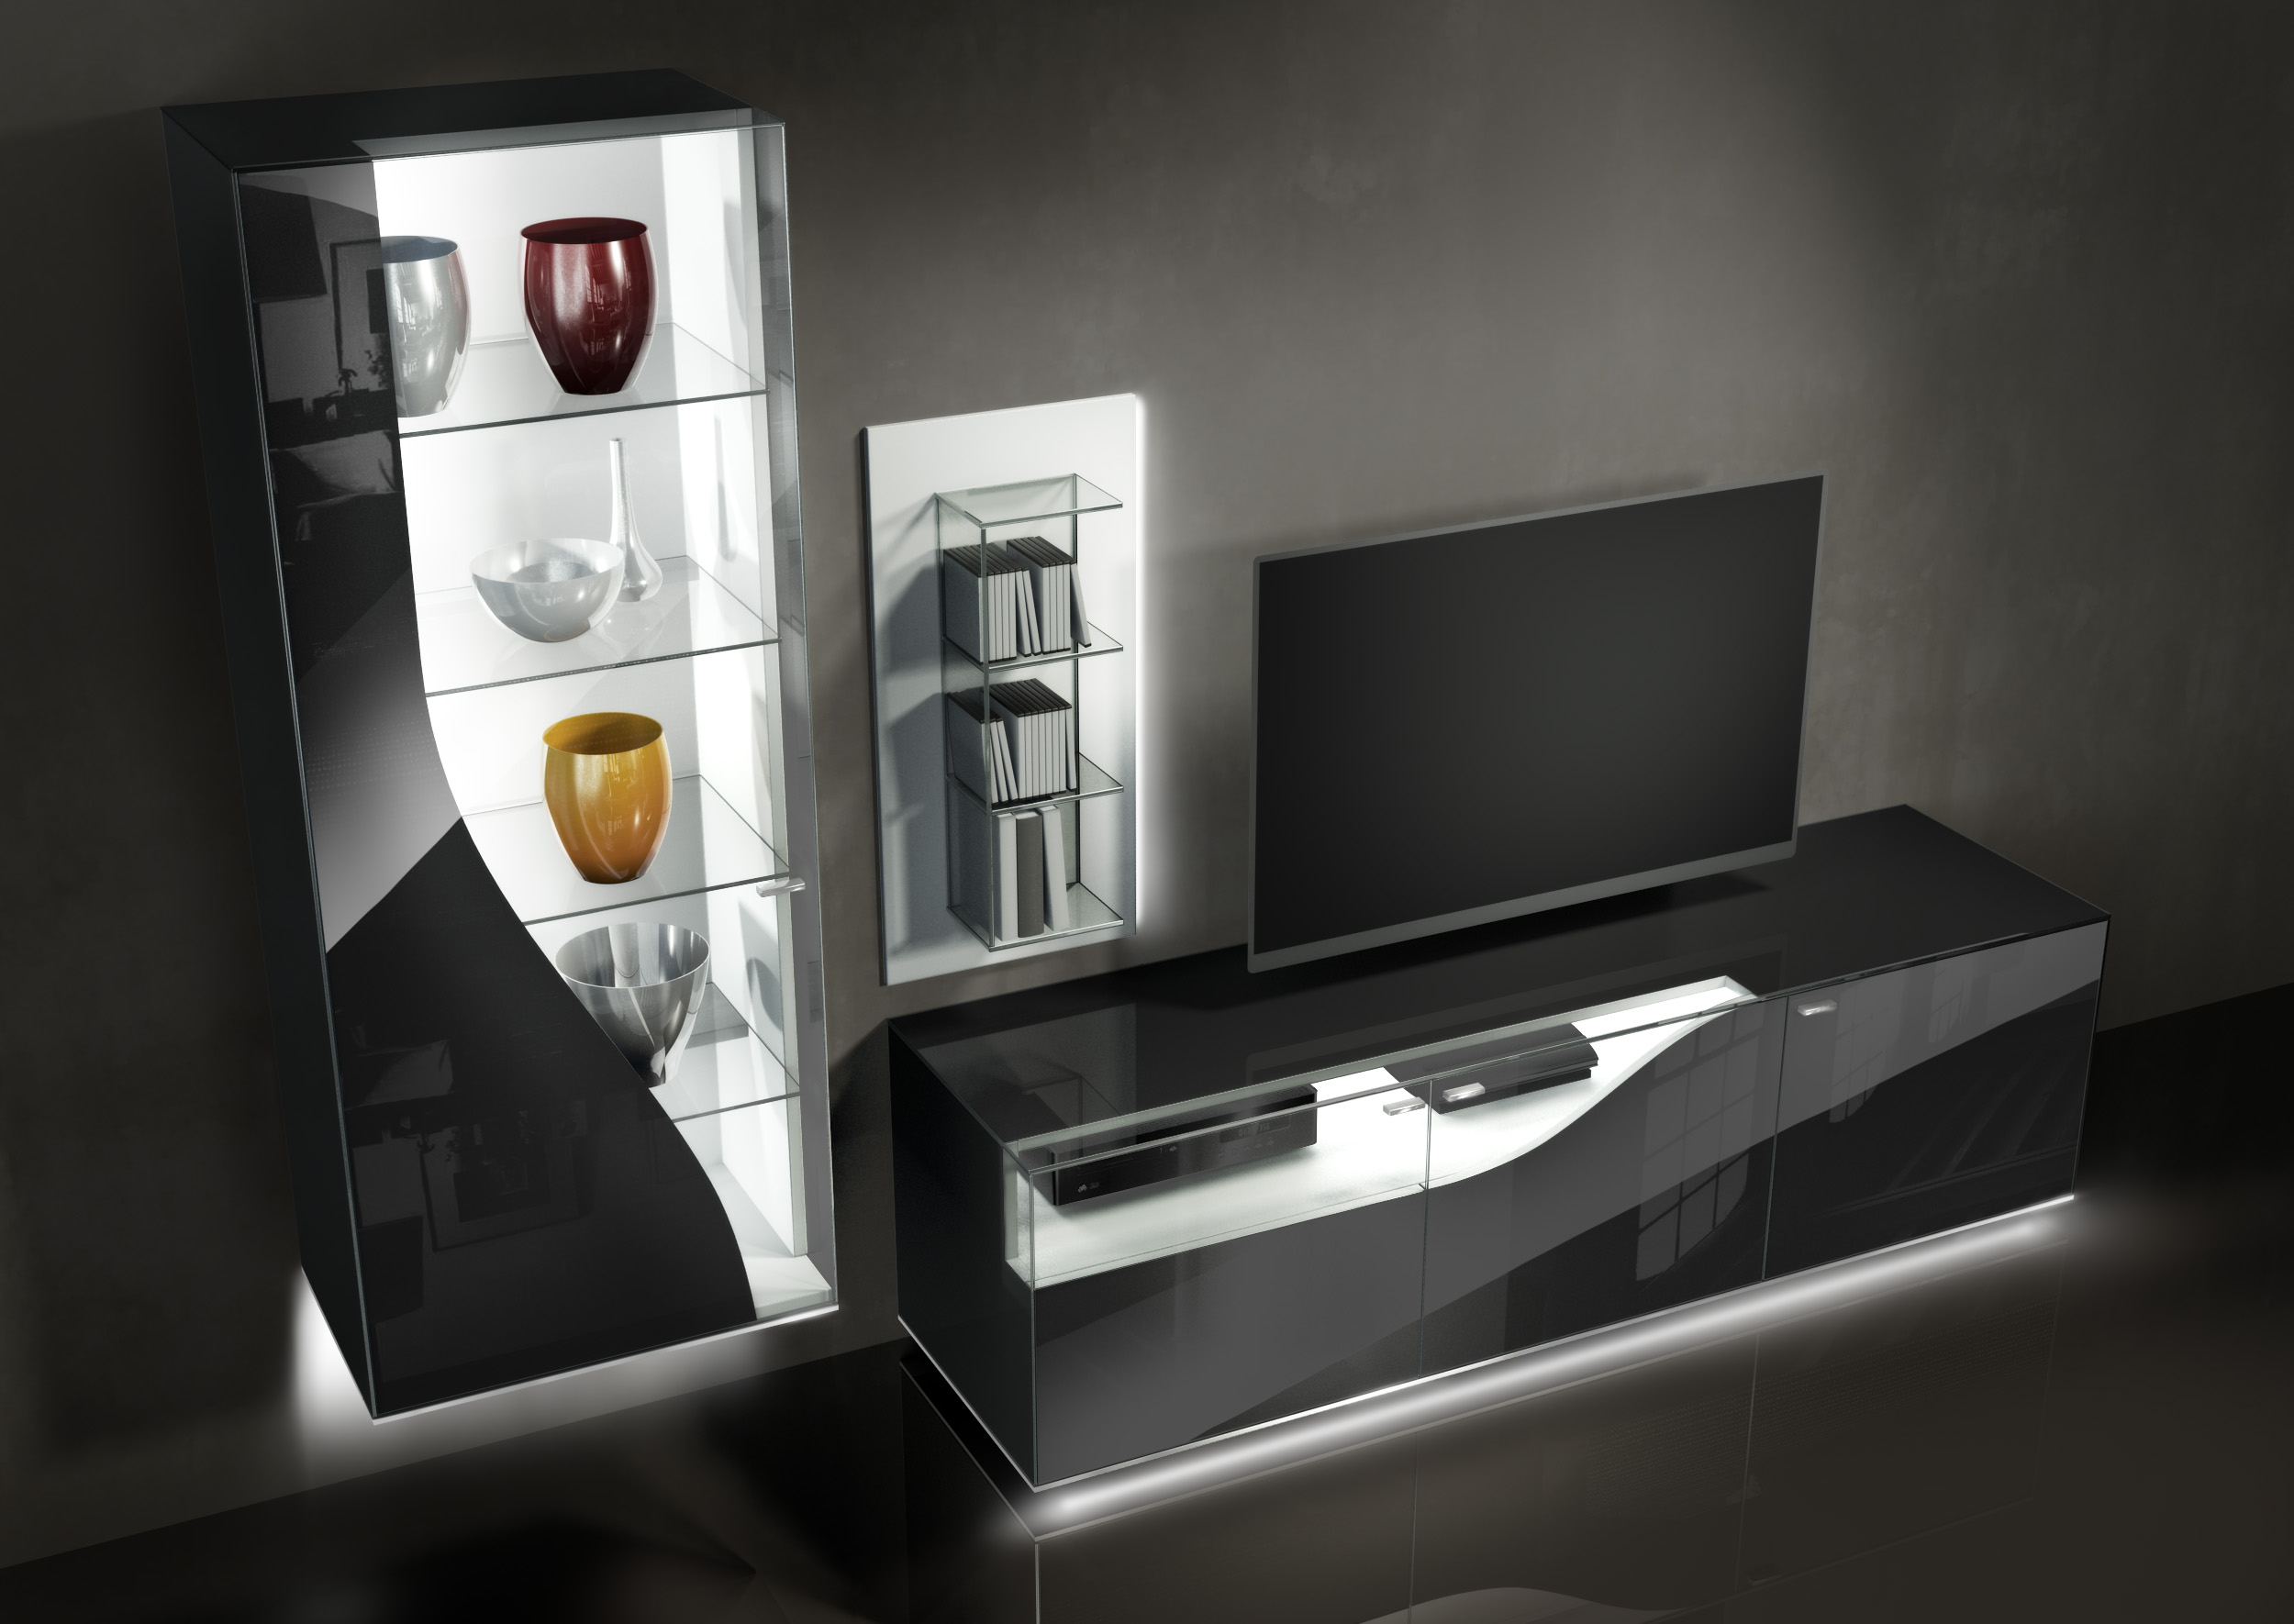 zum herbst gibt es neue wohnerlebnisse in glas collection. Black Bedroom Furniture Sets. Home Design Ideas